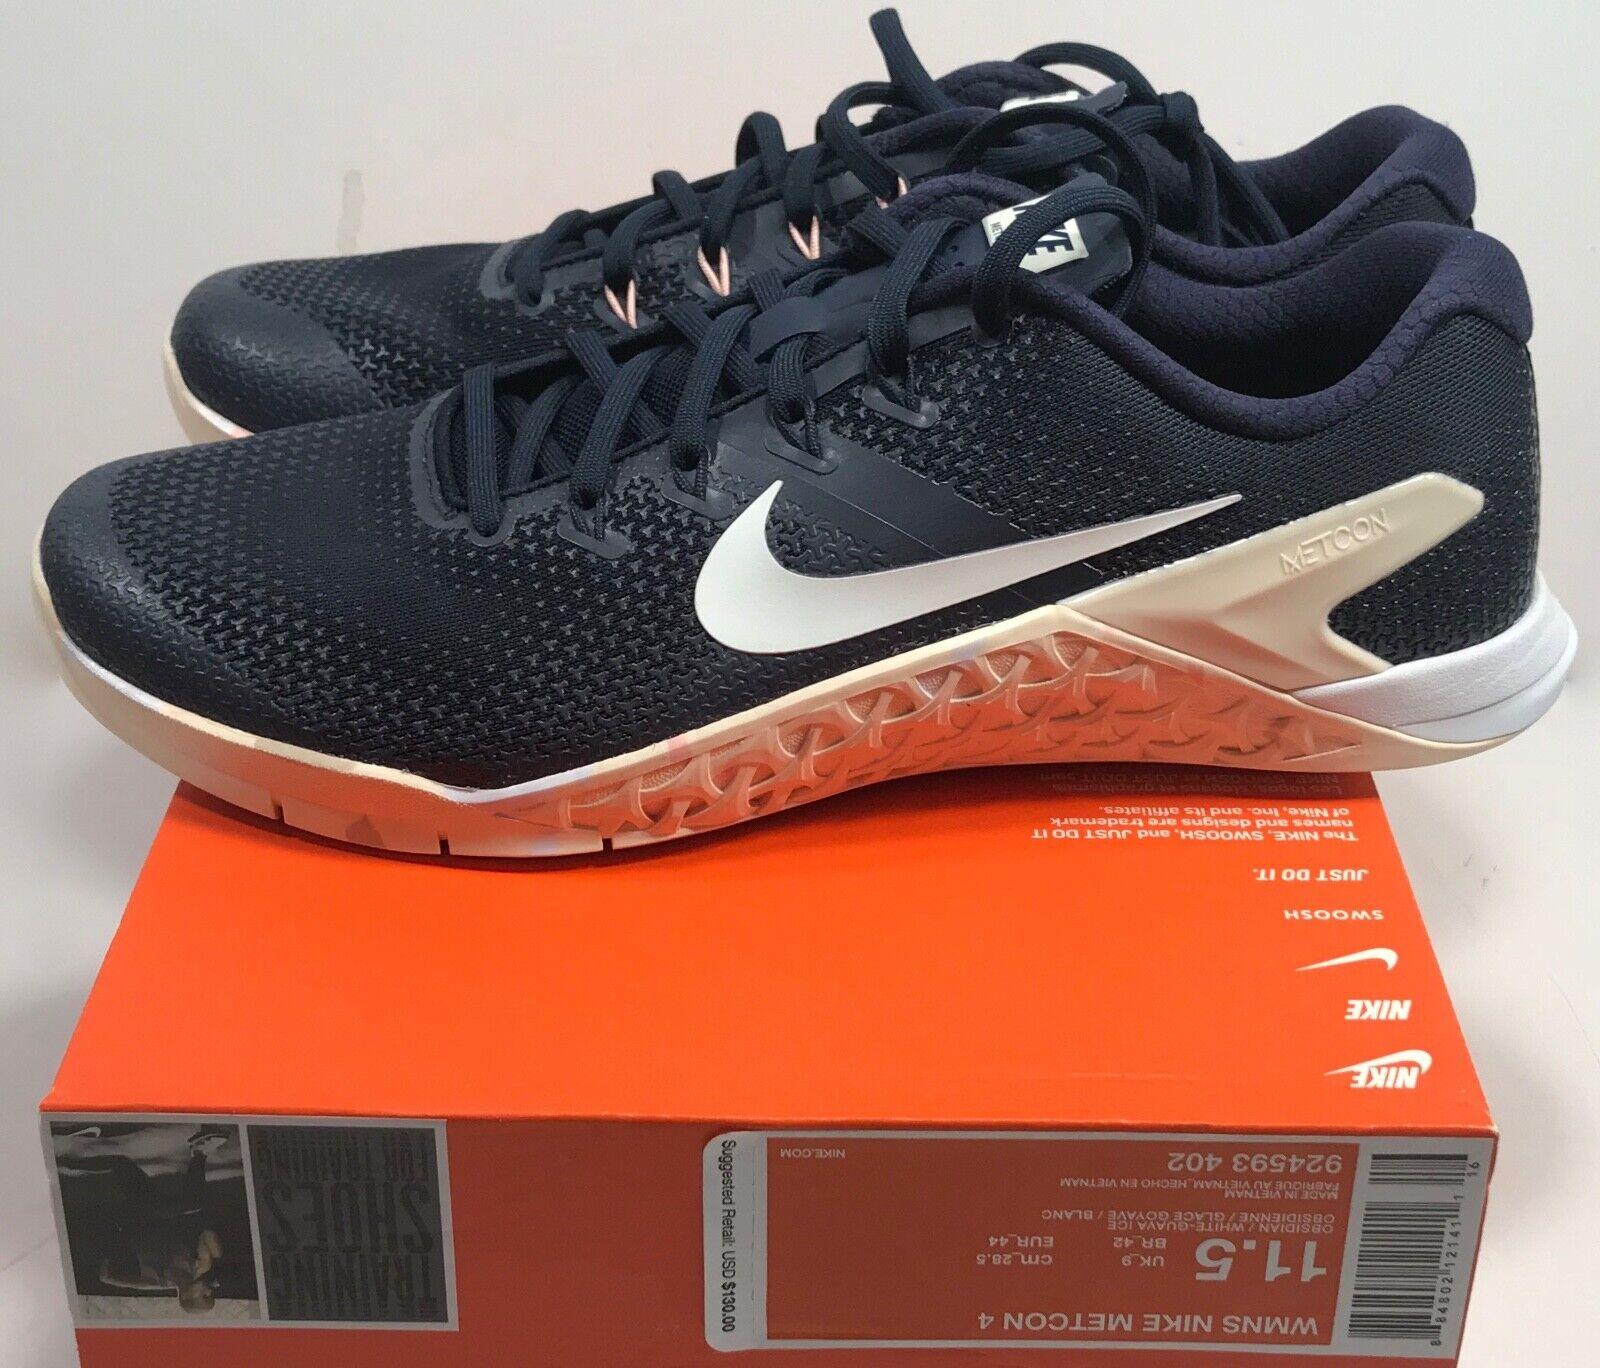 Nike Metcon 4 Formazione femminile Sollevamento di peso